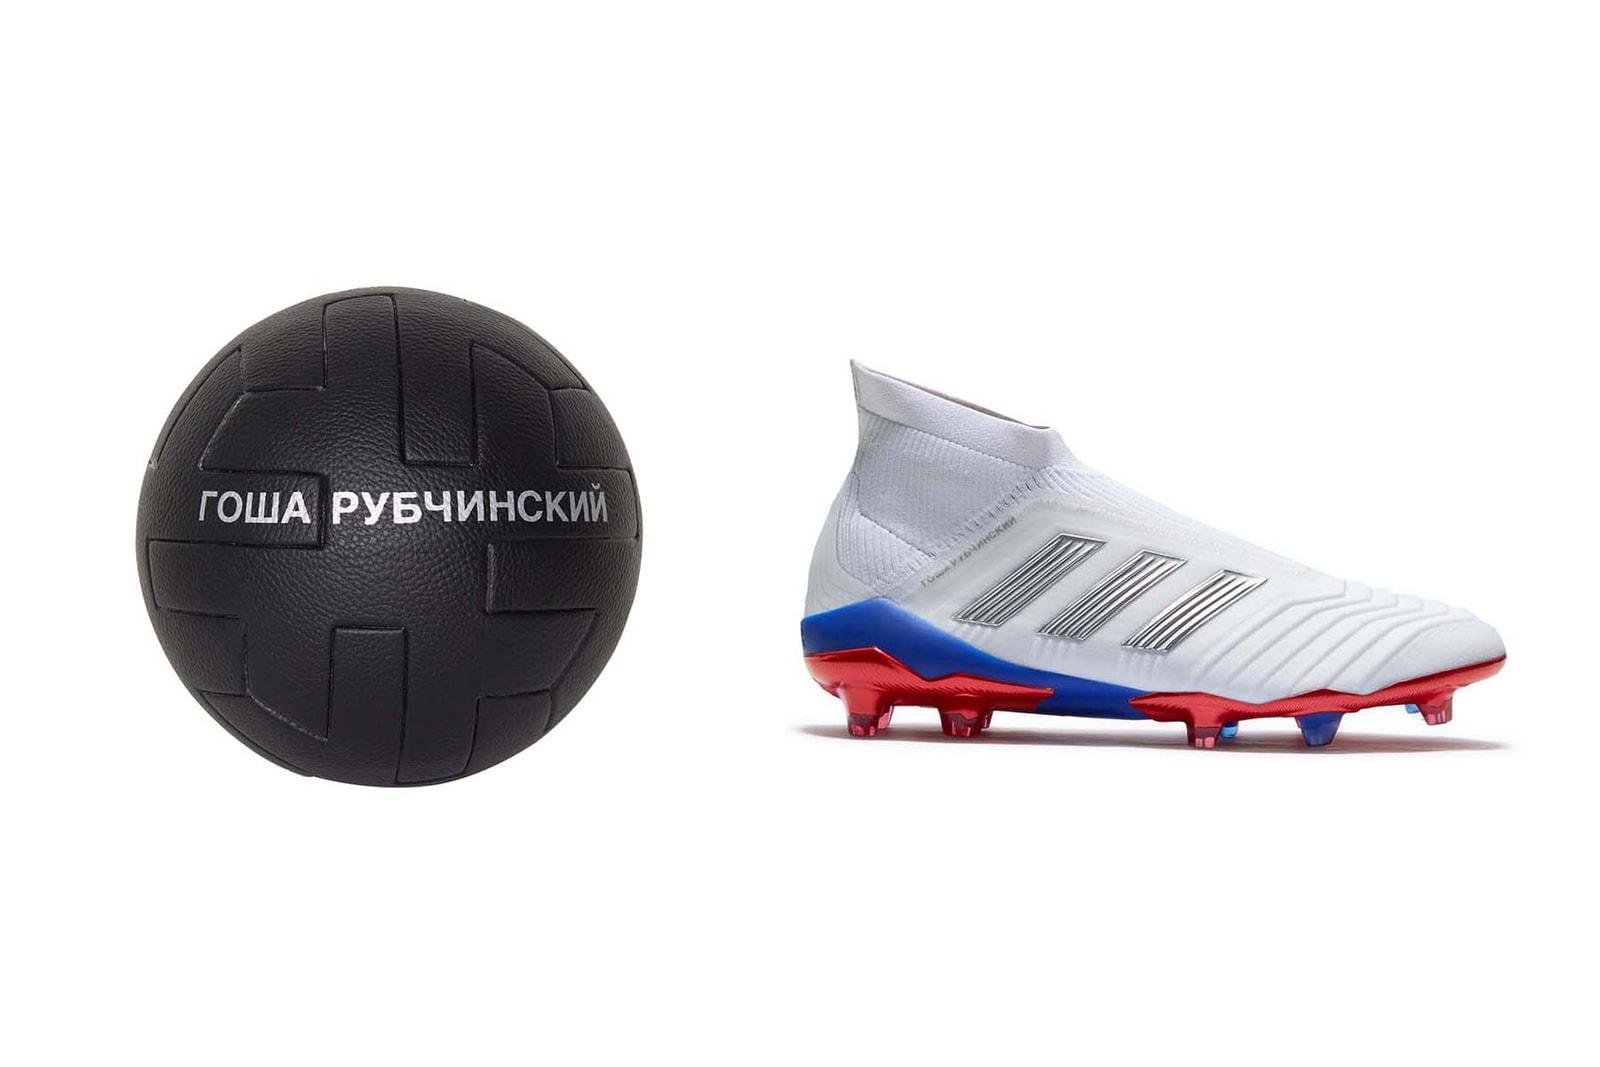 見逃したくない今週のリリースアイテム 7 選(2018|6/11~6/17)〈Off-White™〉x〈NikeLab〉によるW杯記念のフットボールコレクションに加え、〈7 Moncler Fragment Hiroshi Fujiwara〉がデリバリー開始 HYPEBEAST ハイプビースト